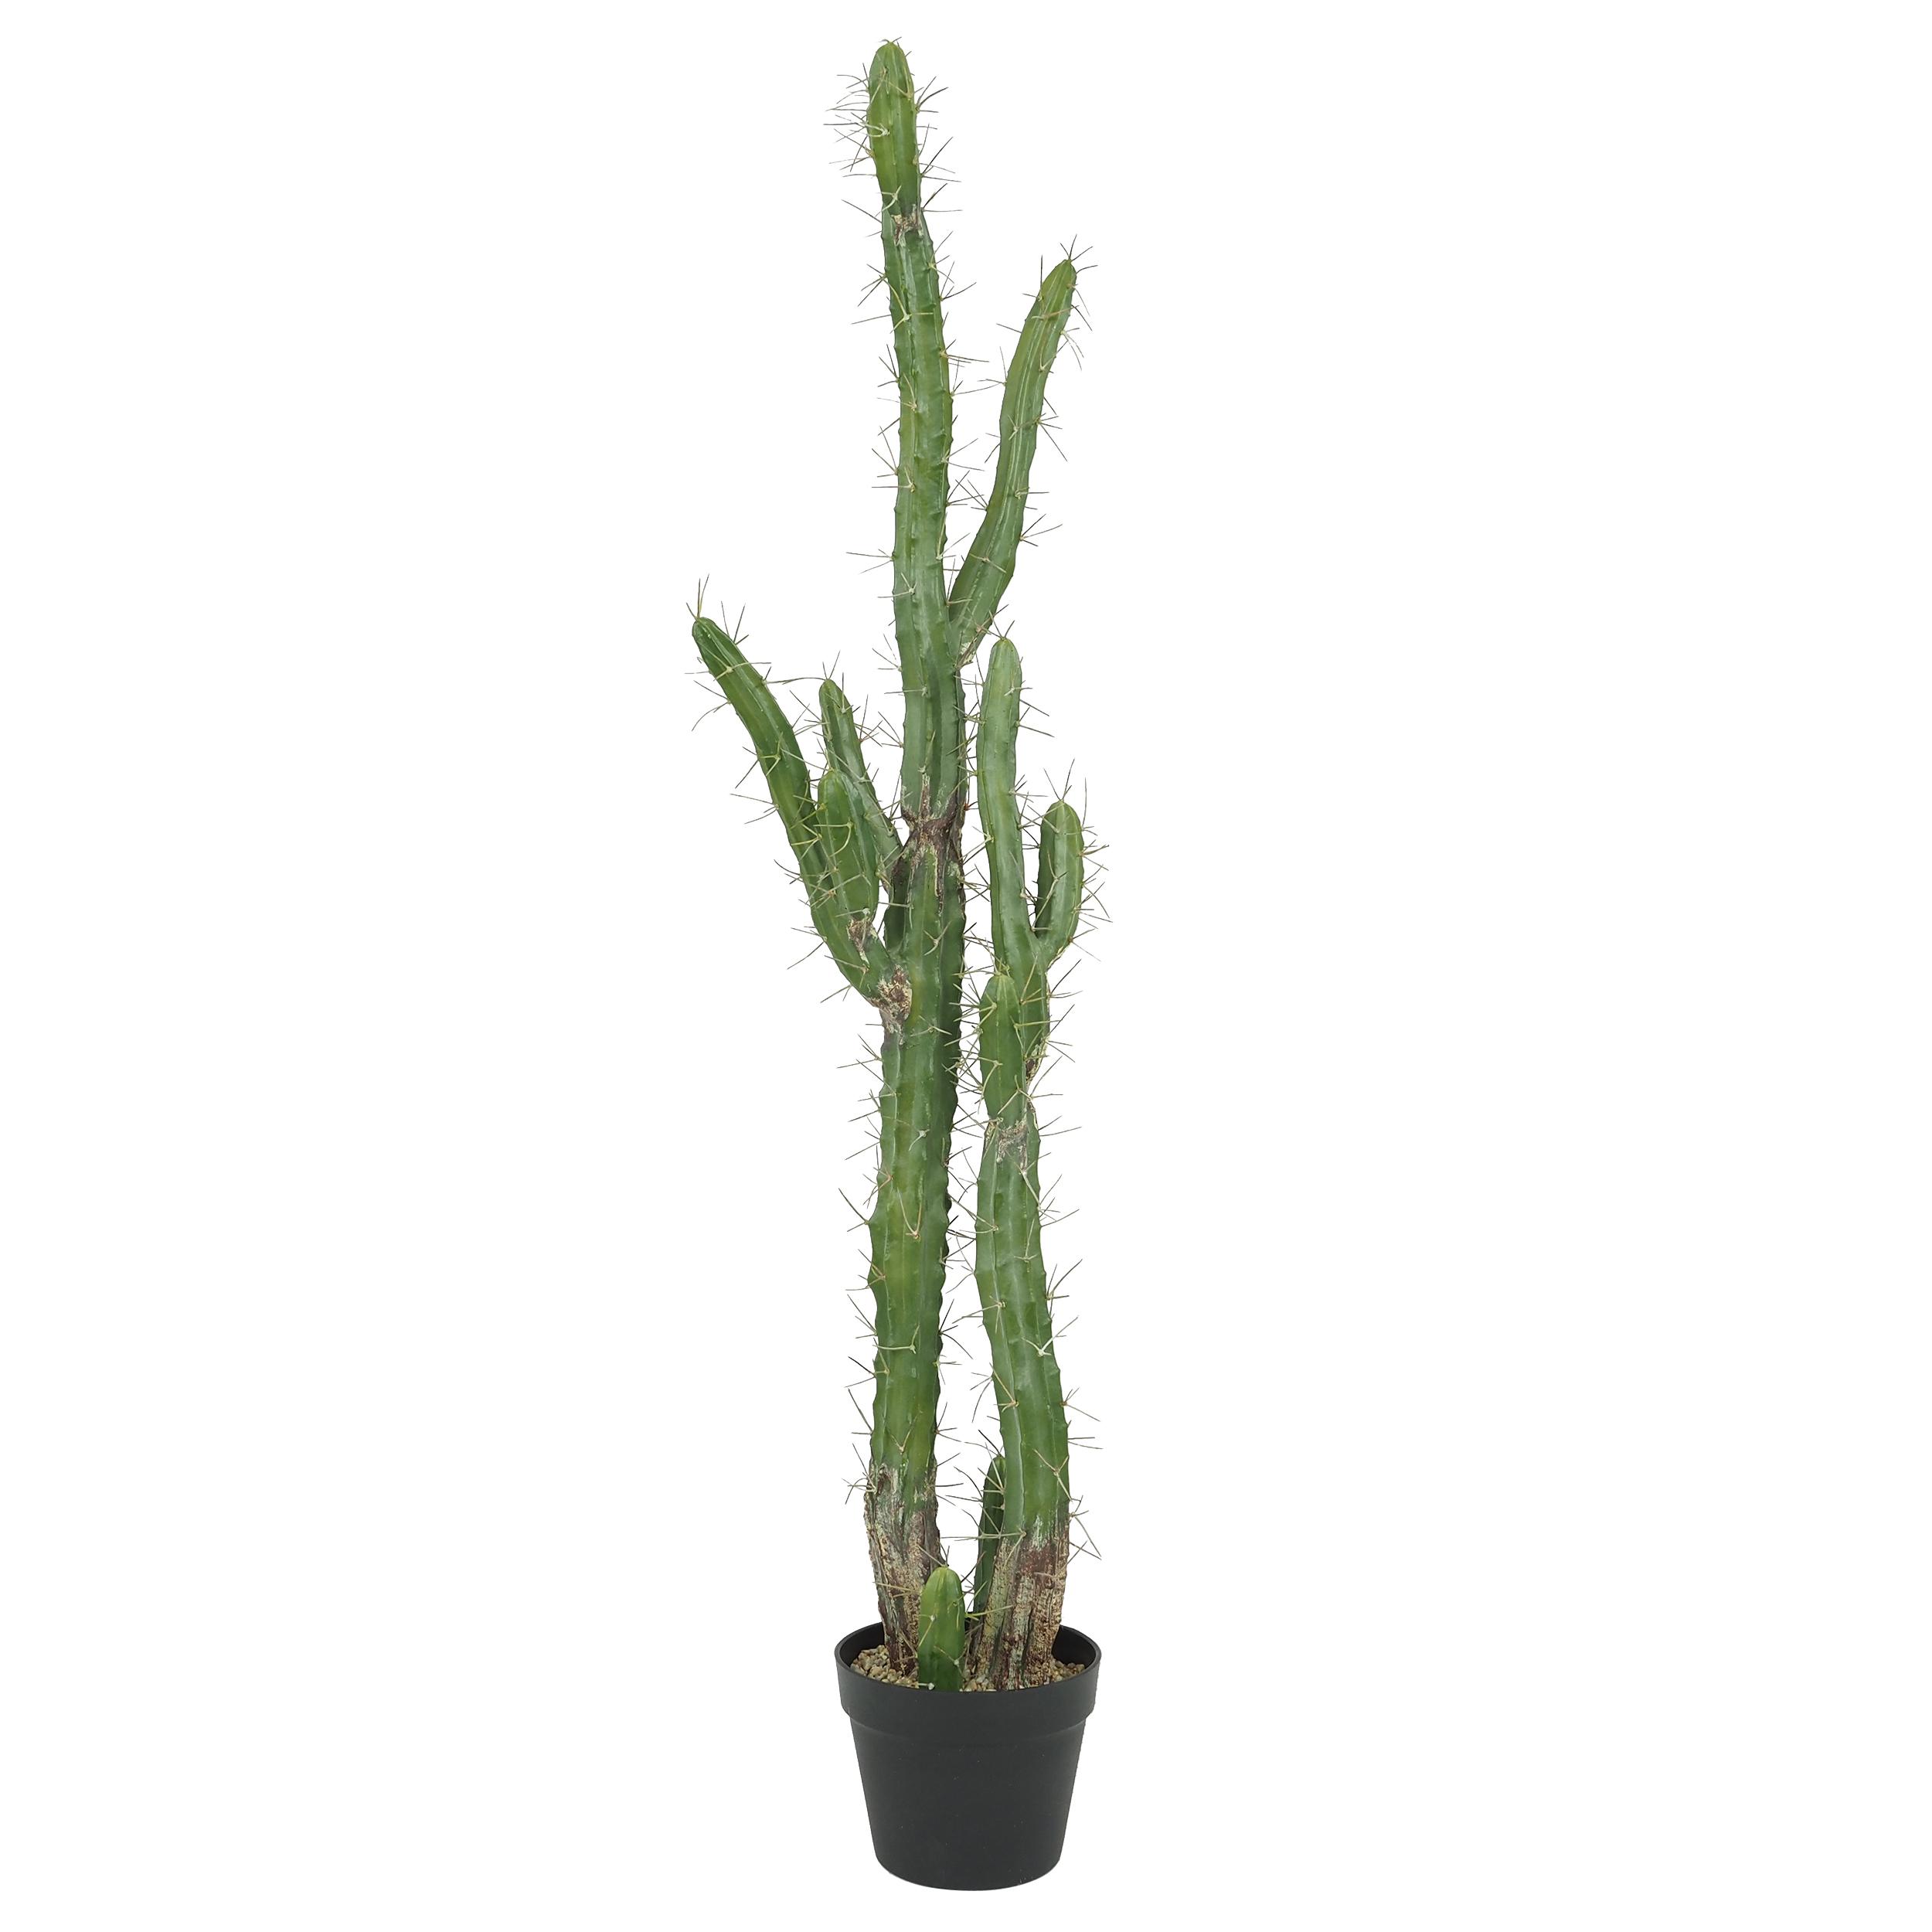 Cactus artificiel géant pot noir Plante verte artificielle 119 cm